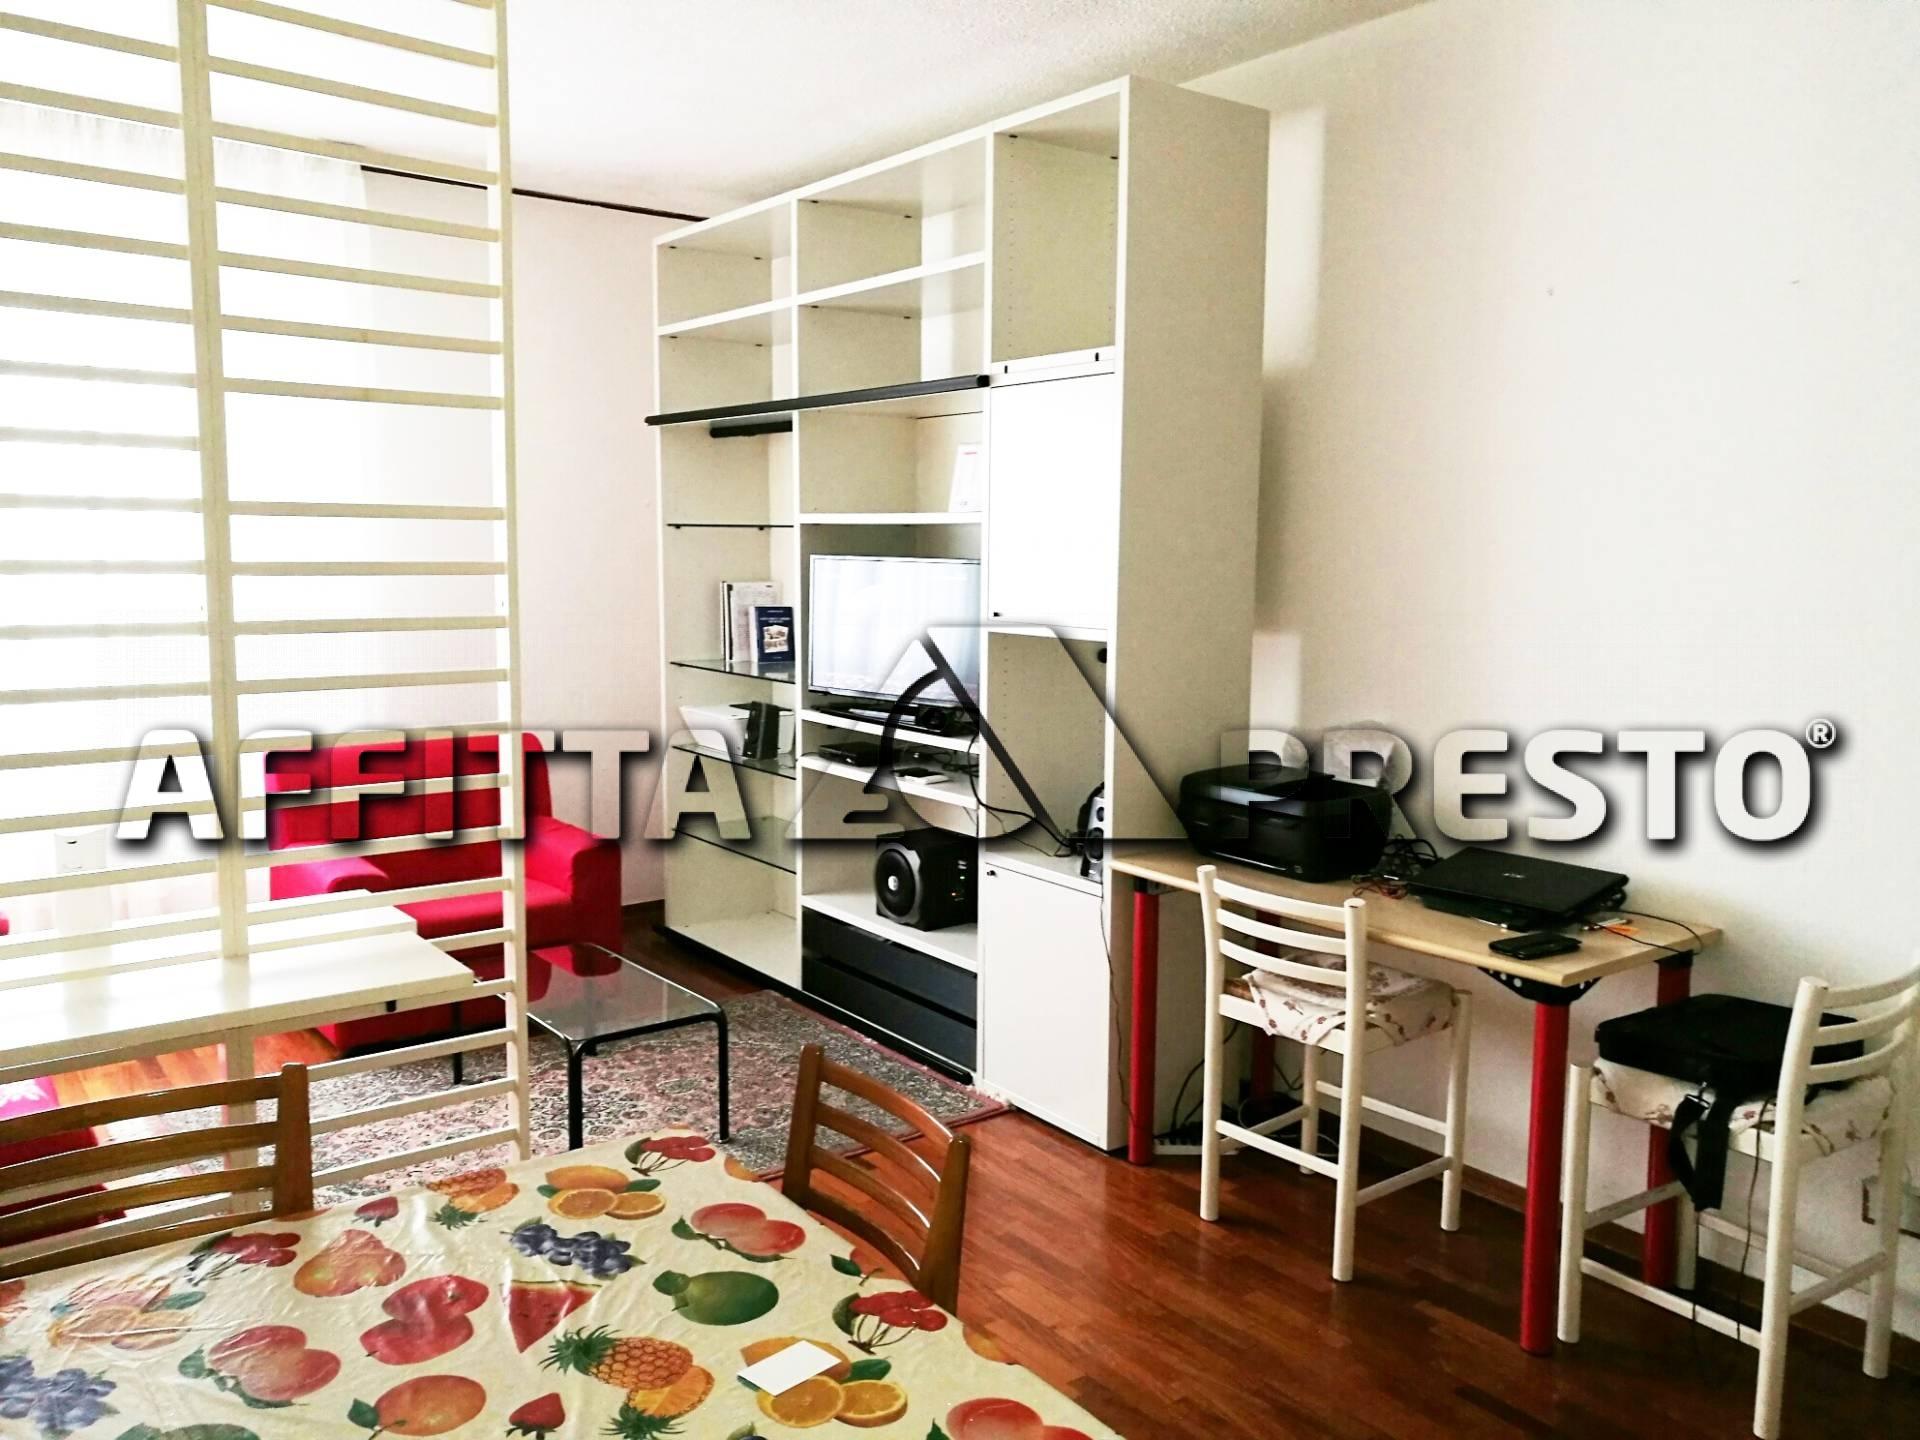 Appartamento in affitto a Ravenna, 2 locali, zona Località: Zalamella, prezzo € 480 | CambioCasa.it